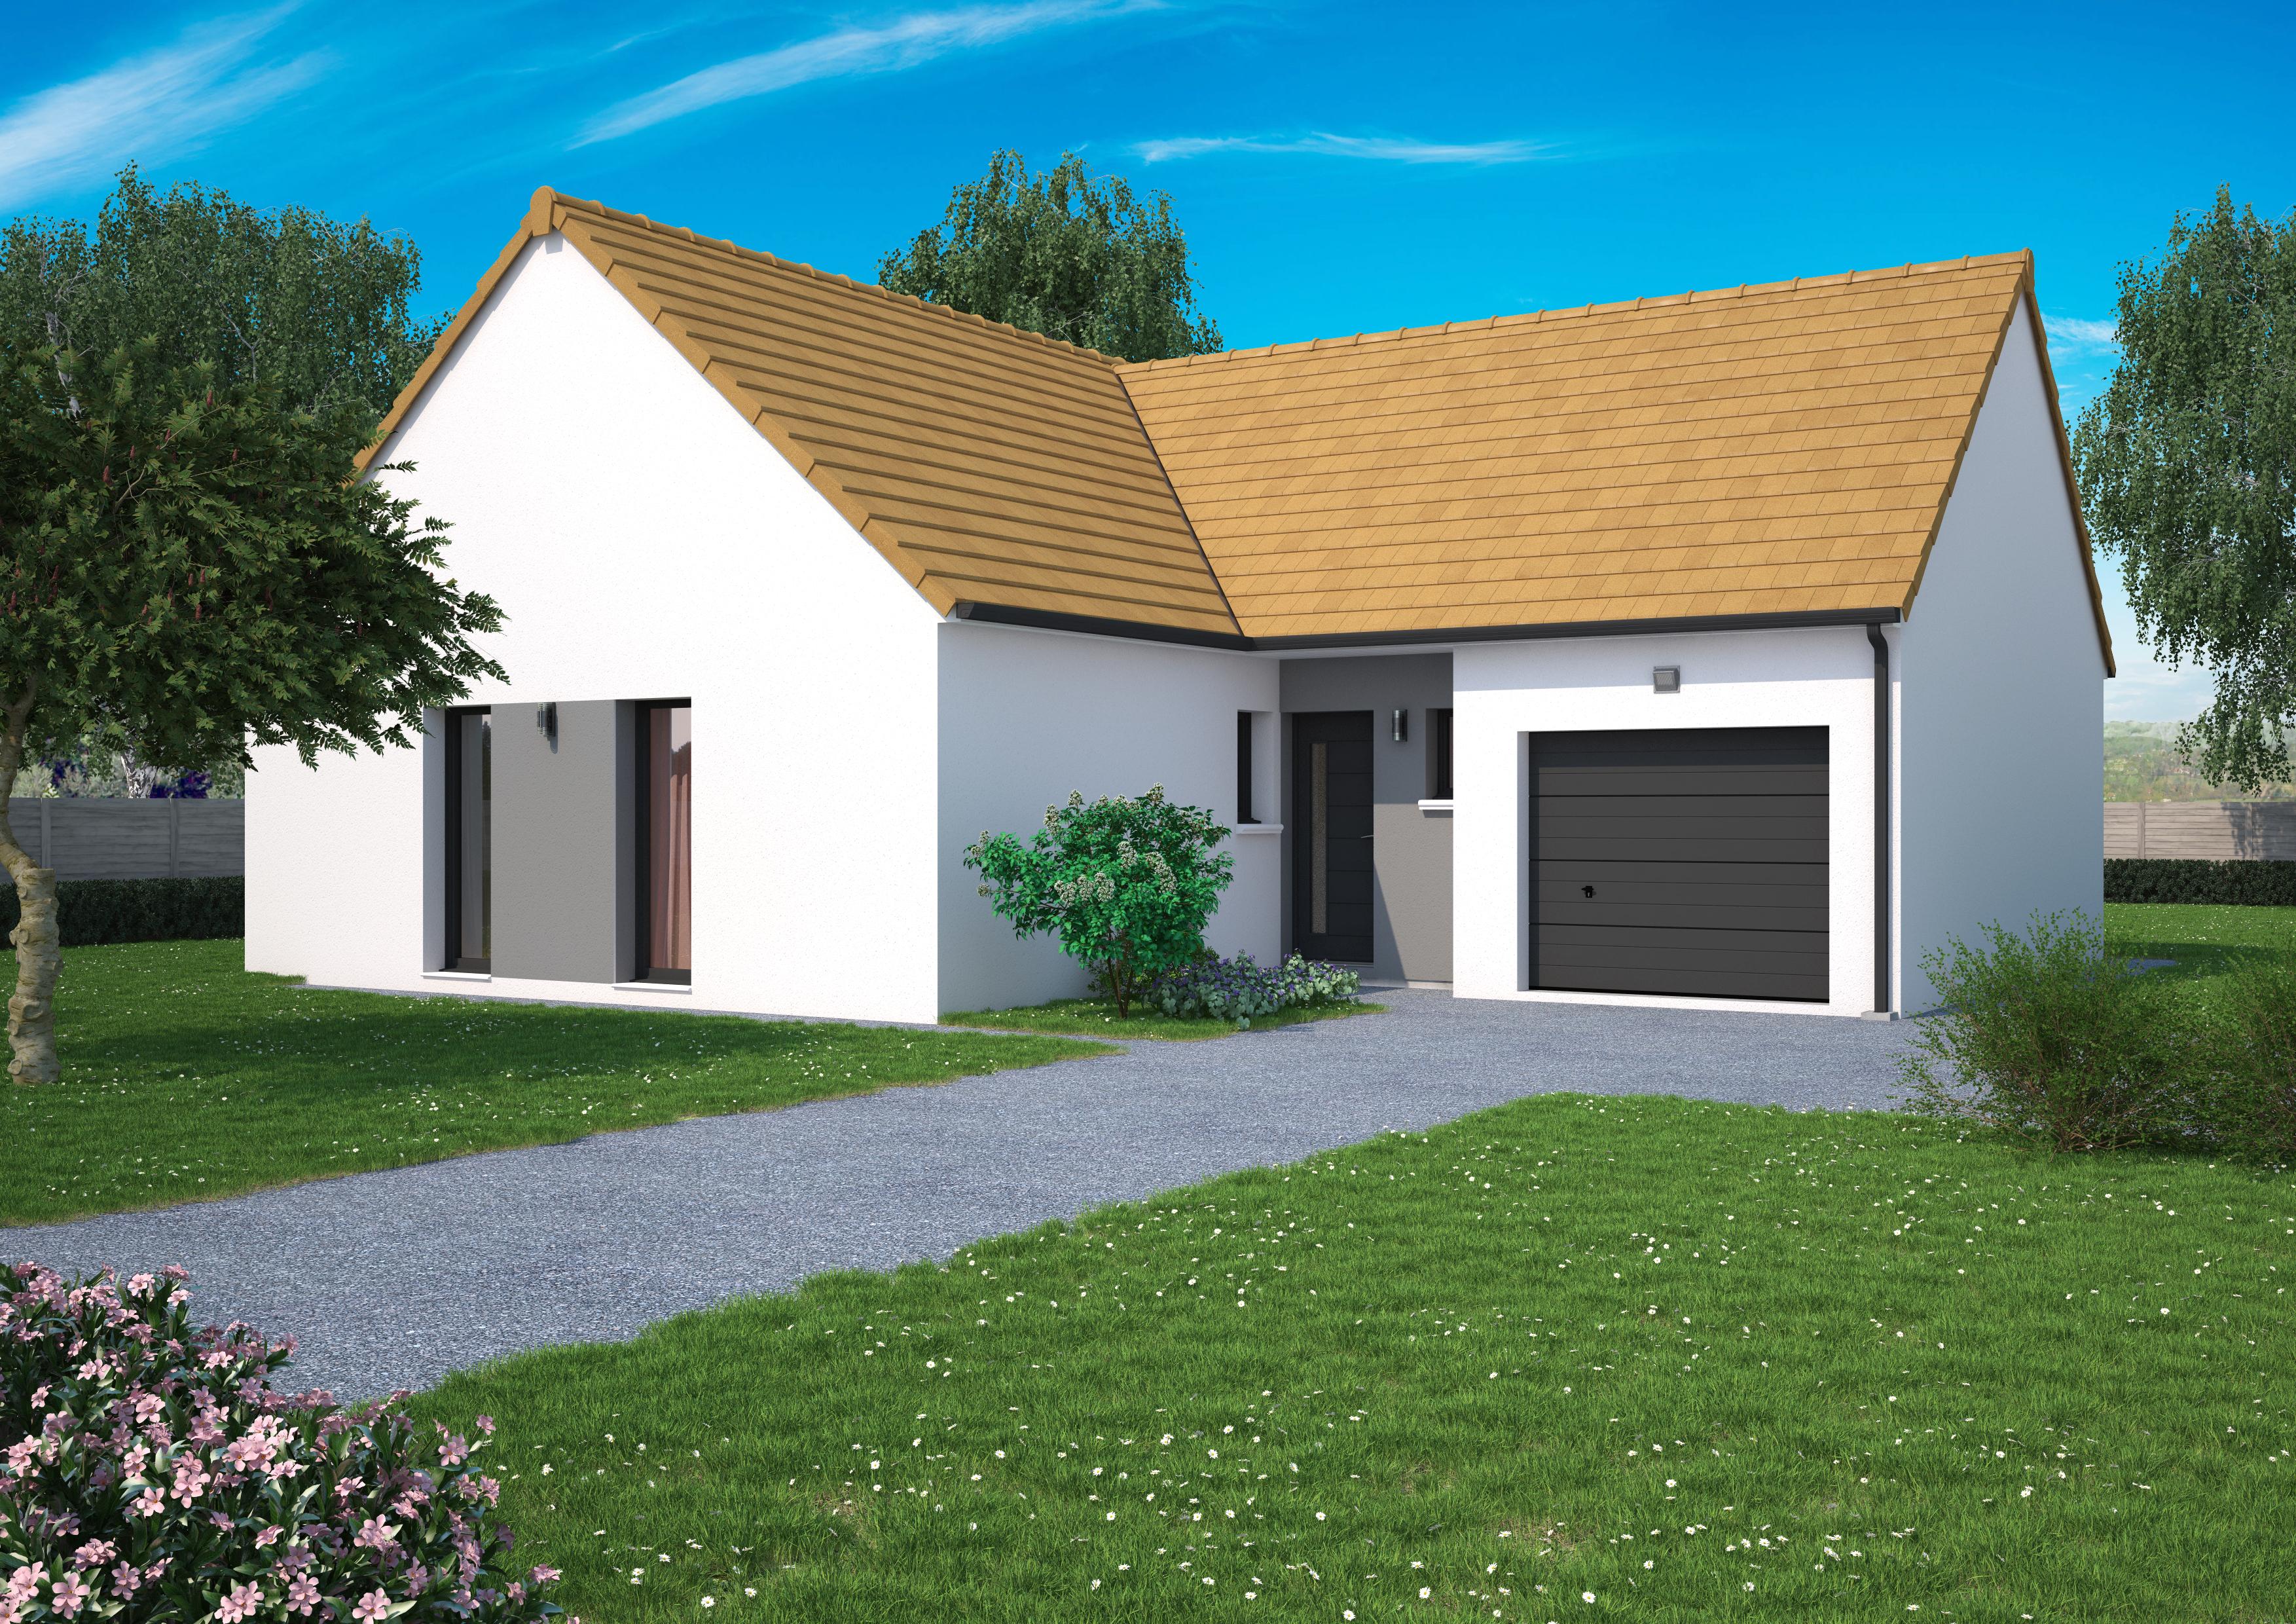 Maison à vendre à Chargey-lès-Gray